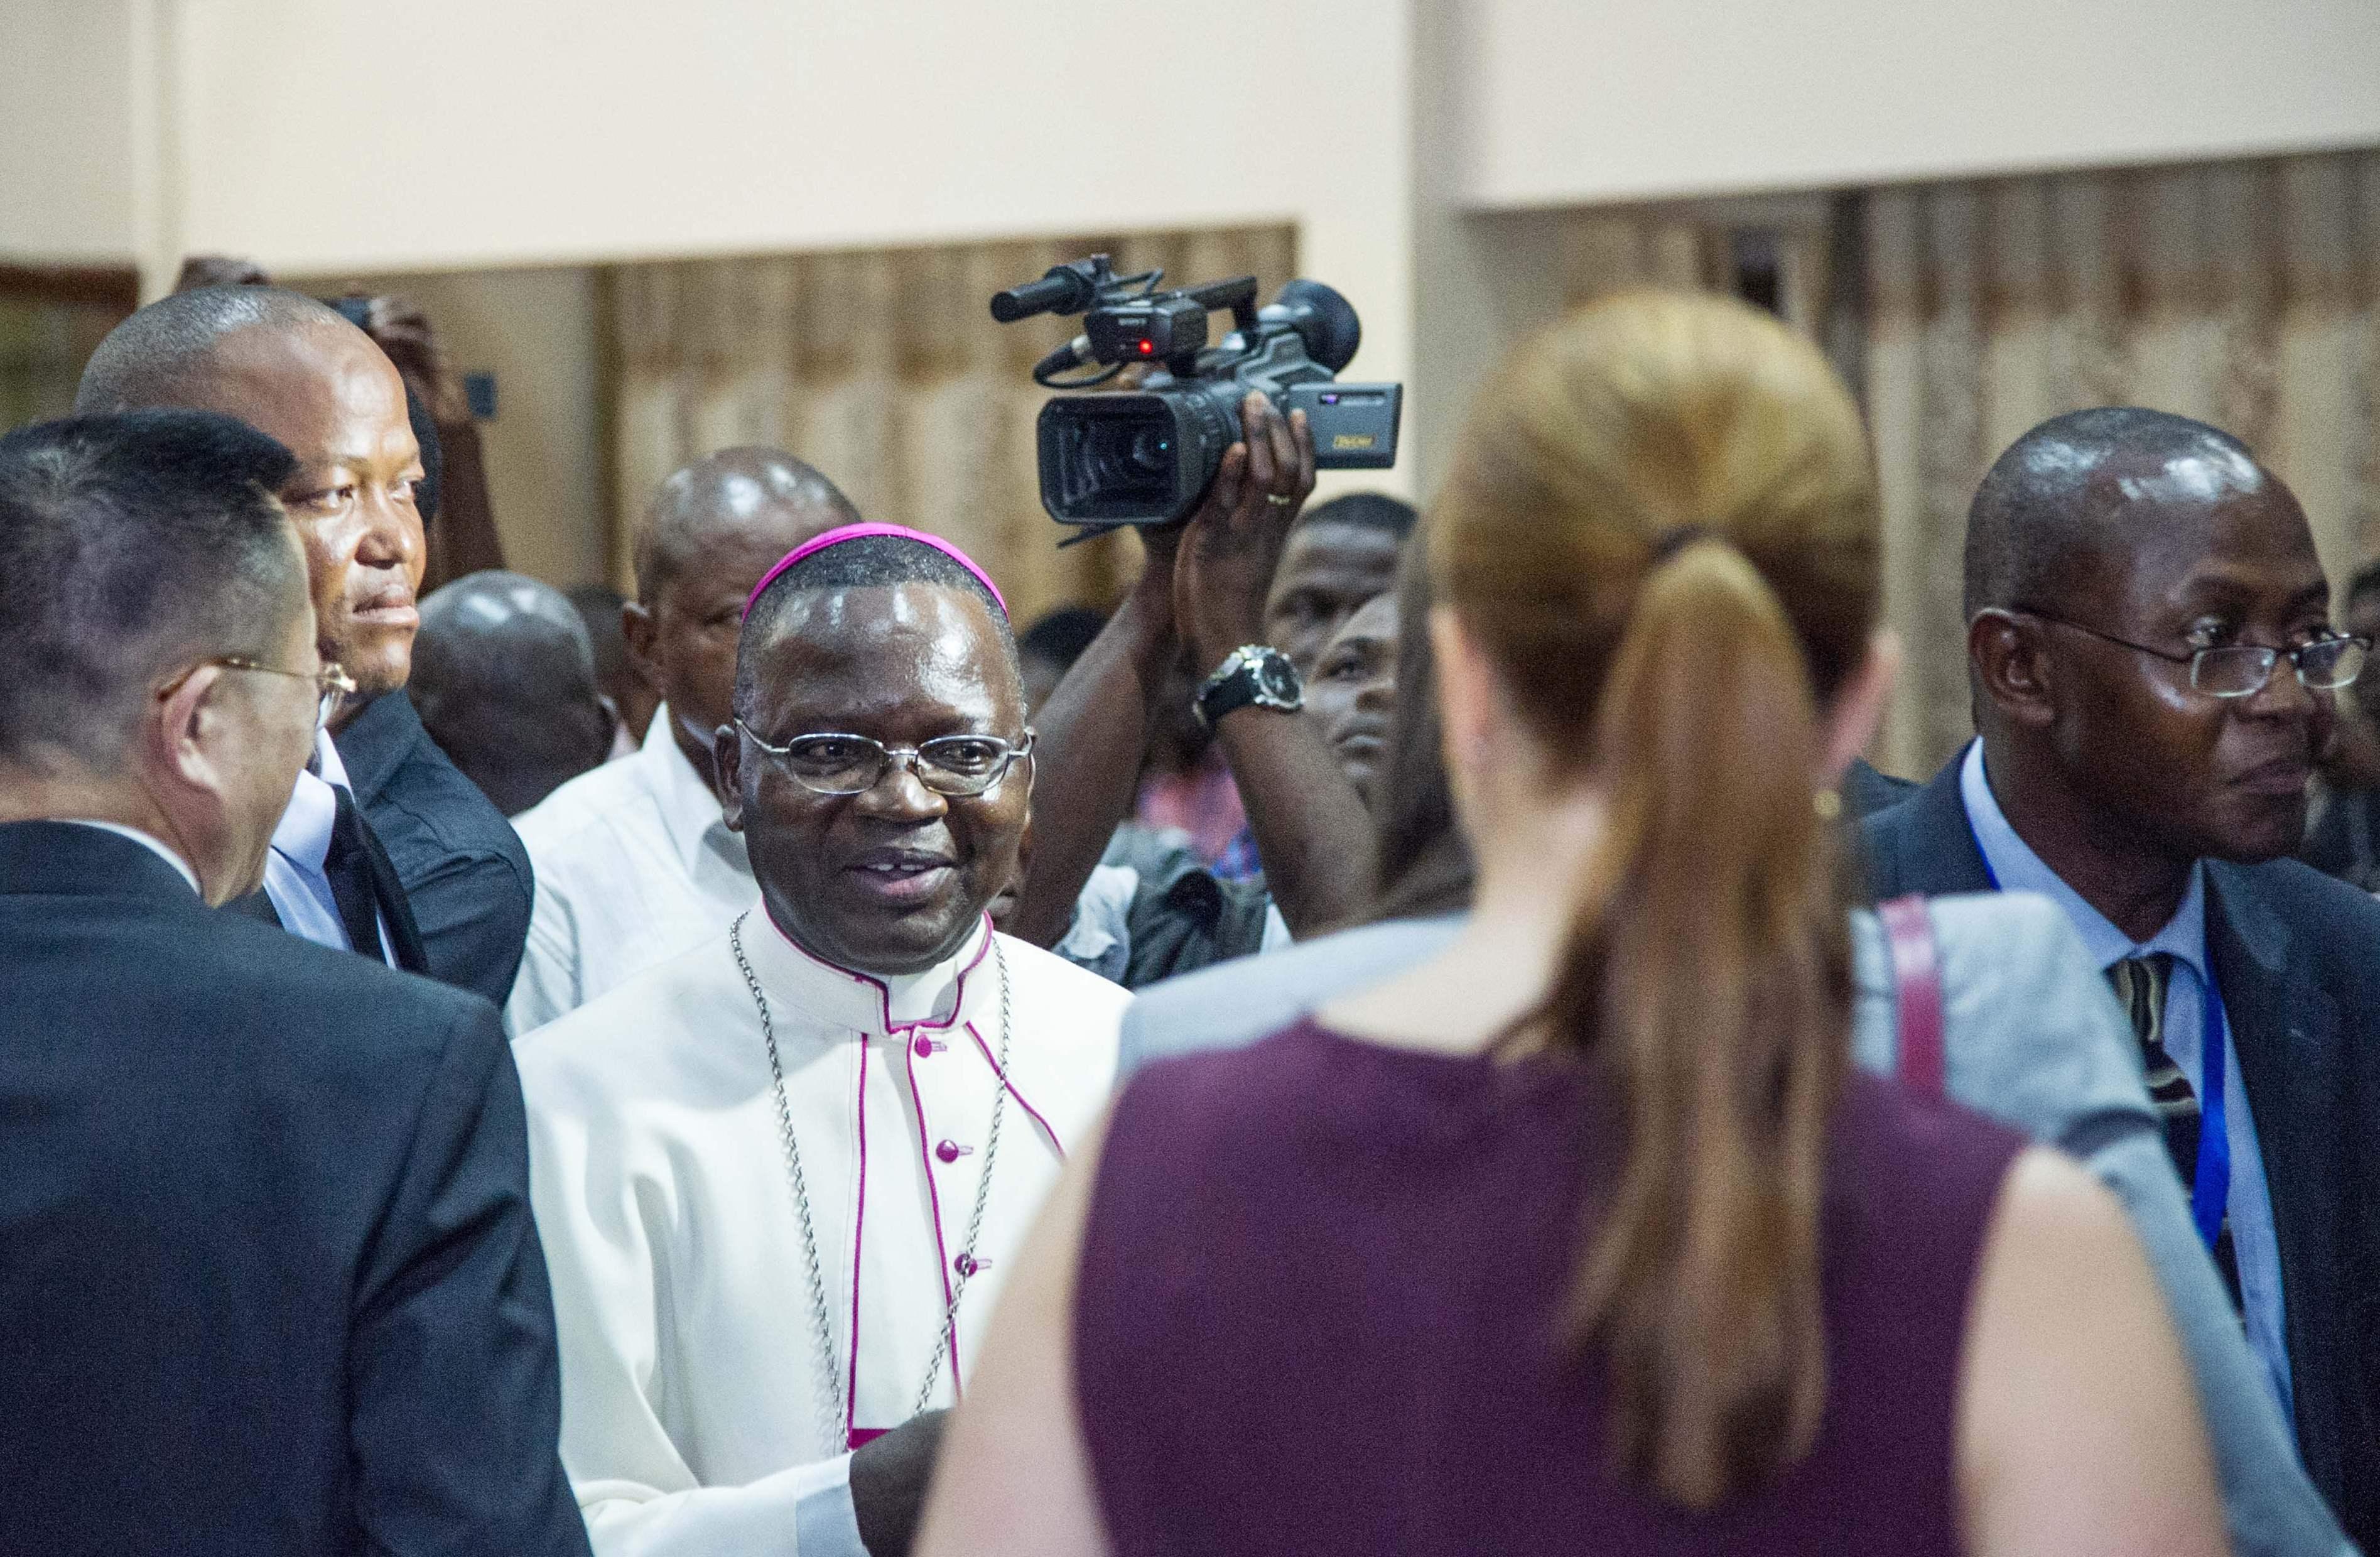 رئيس الاسقفية الكونغولية مارسل يوتيمبى بعد المباحثات